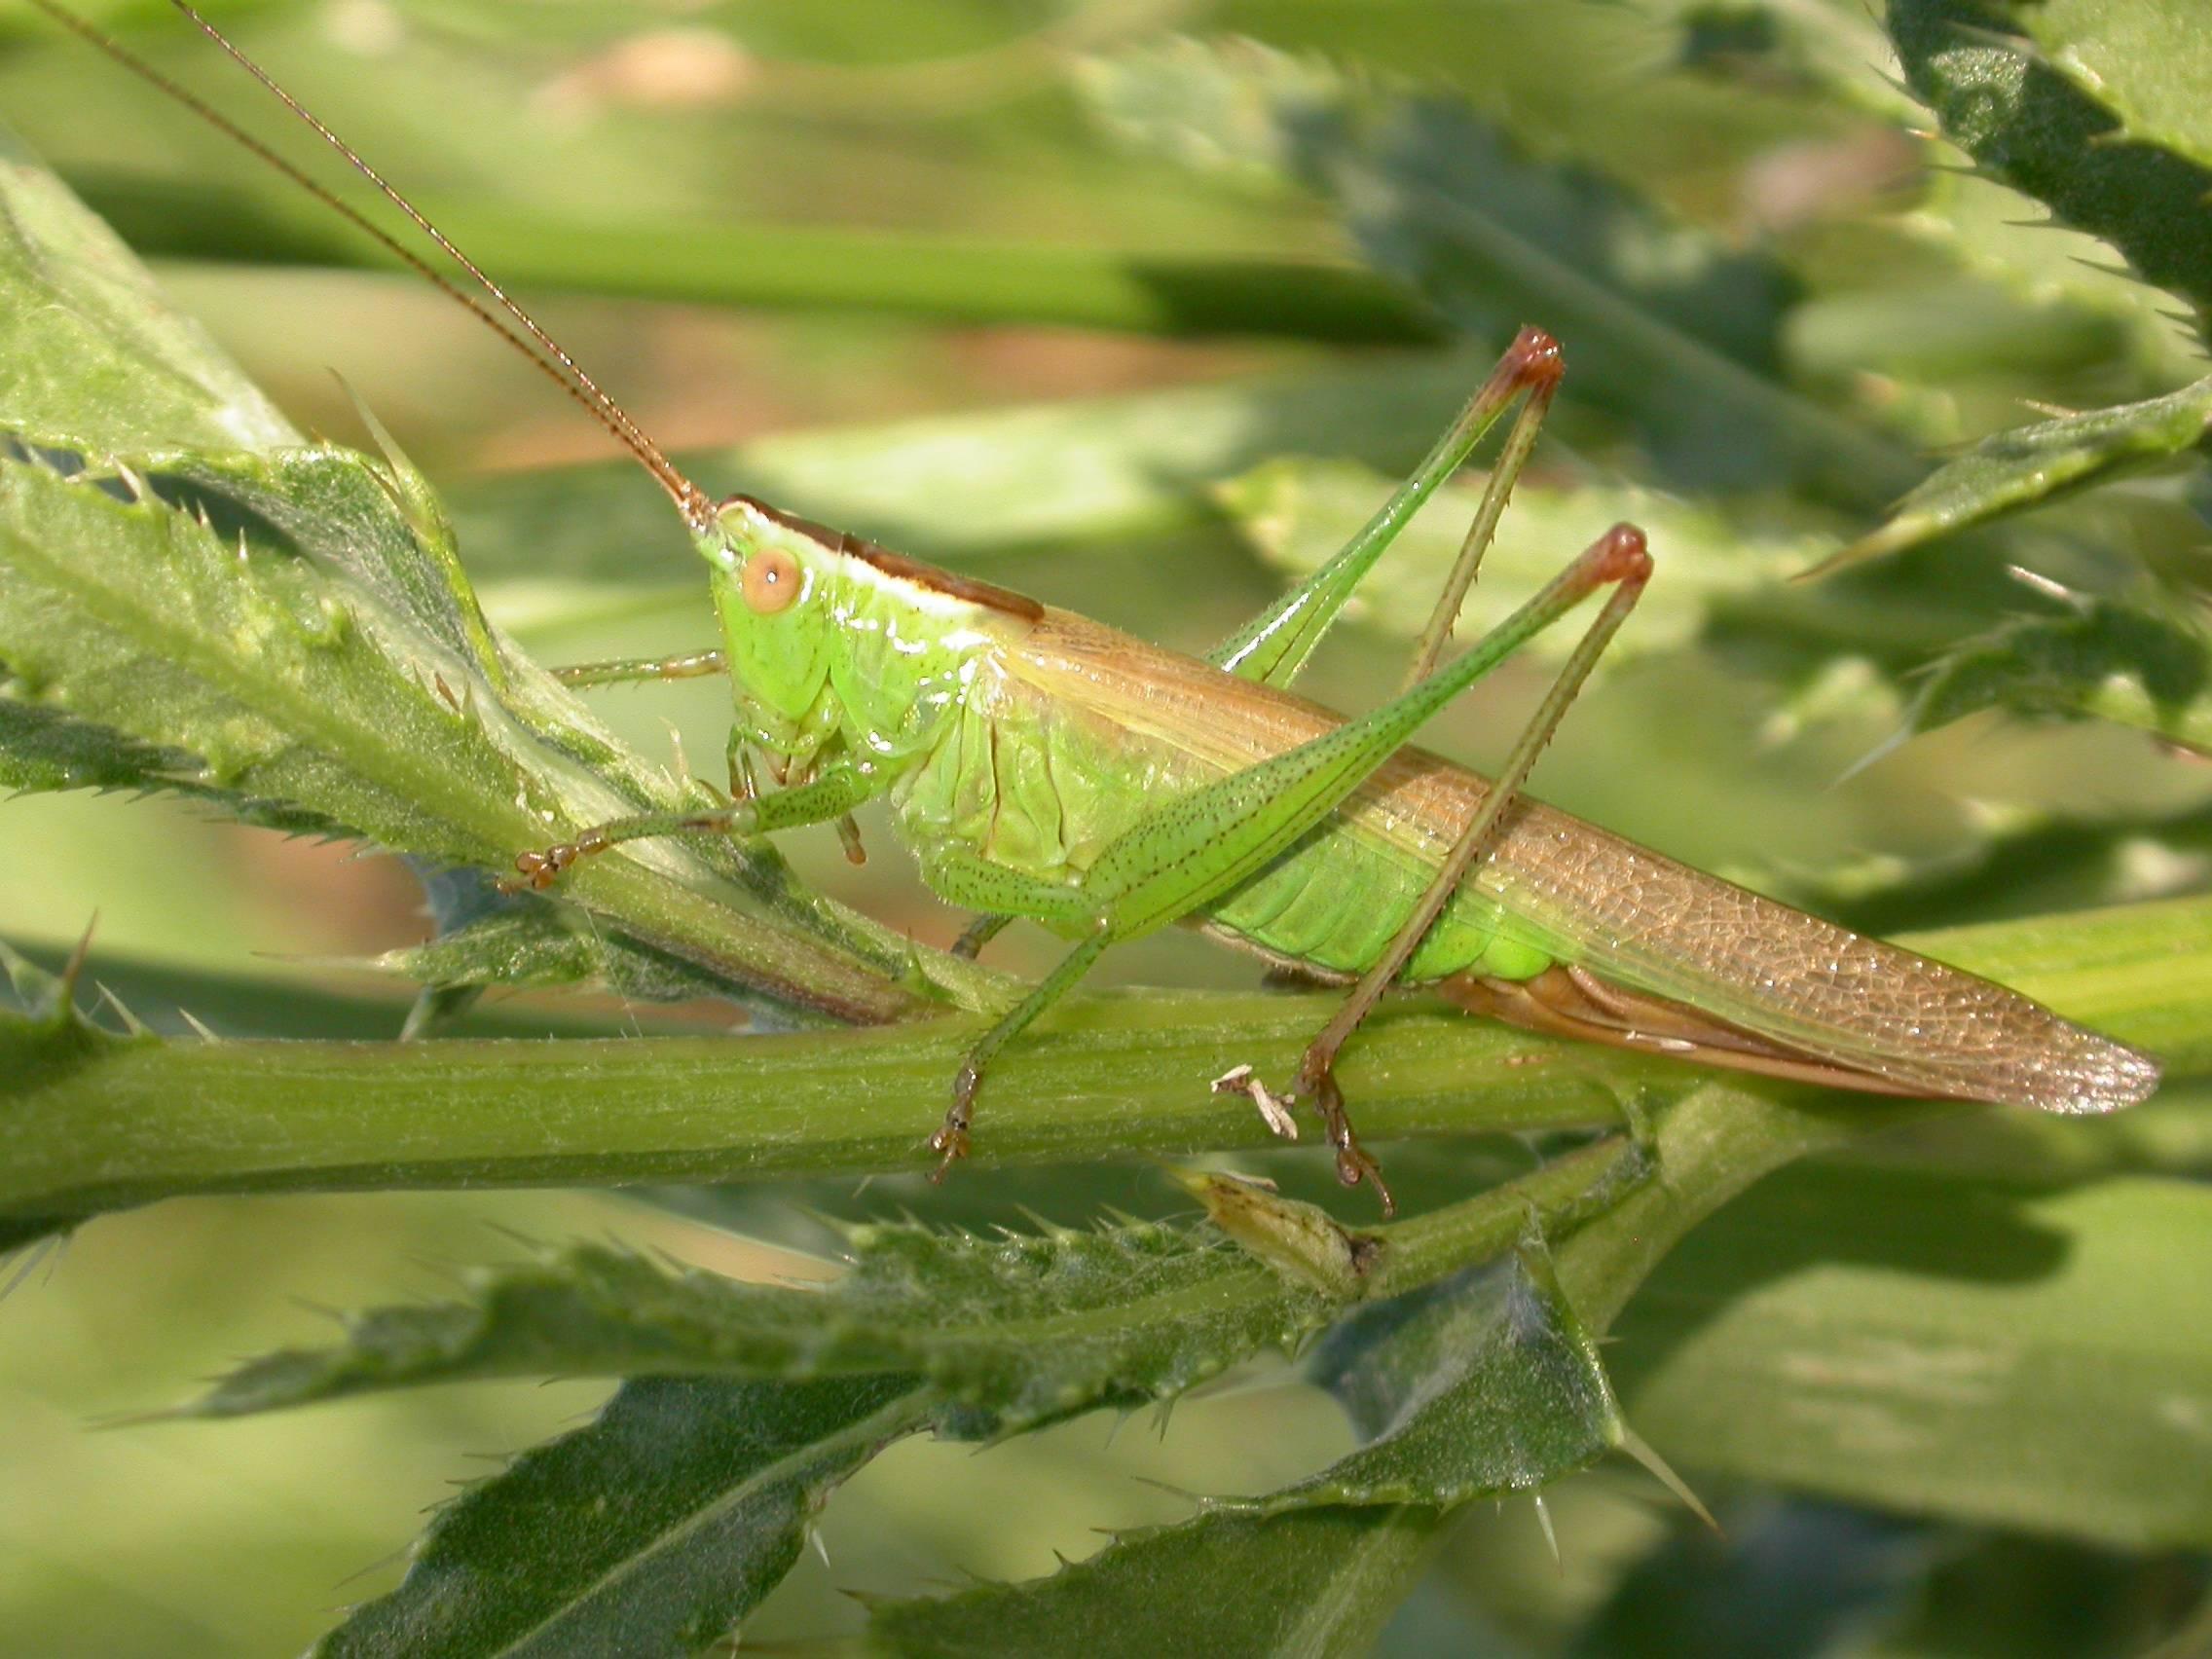 4.5 половой диморфизм и полиморфизм у взрослого насекомого